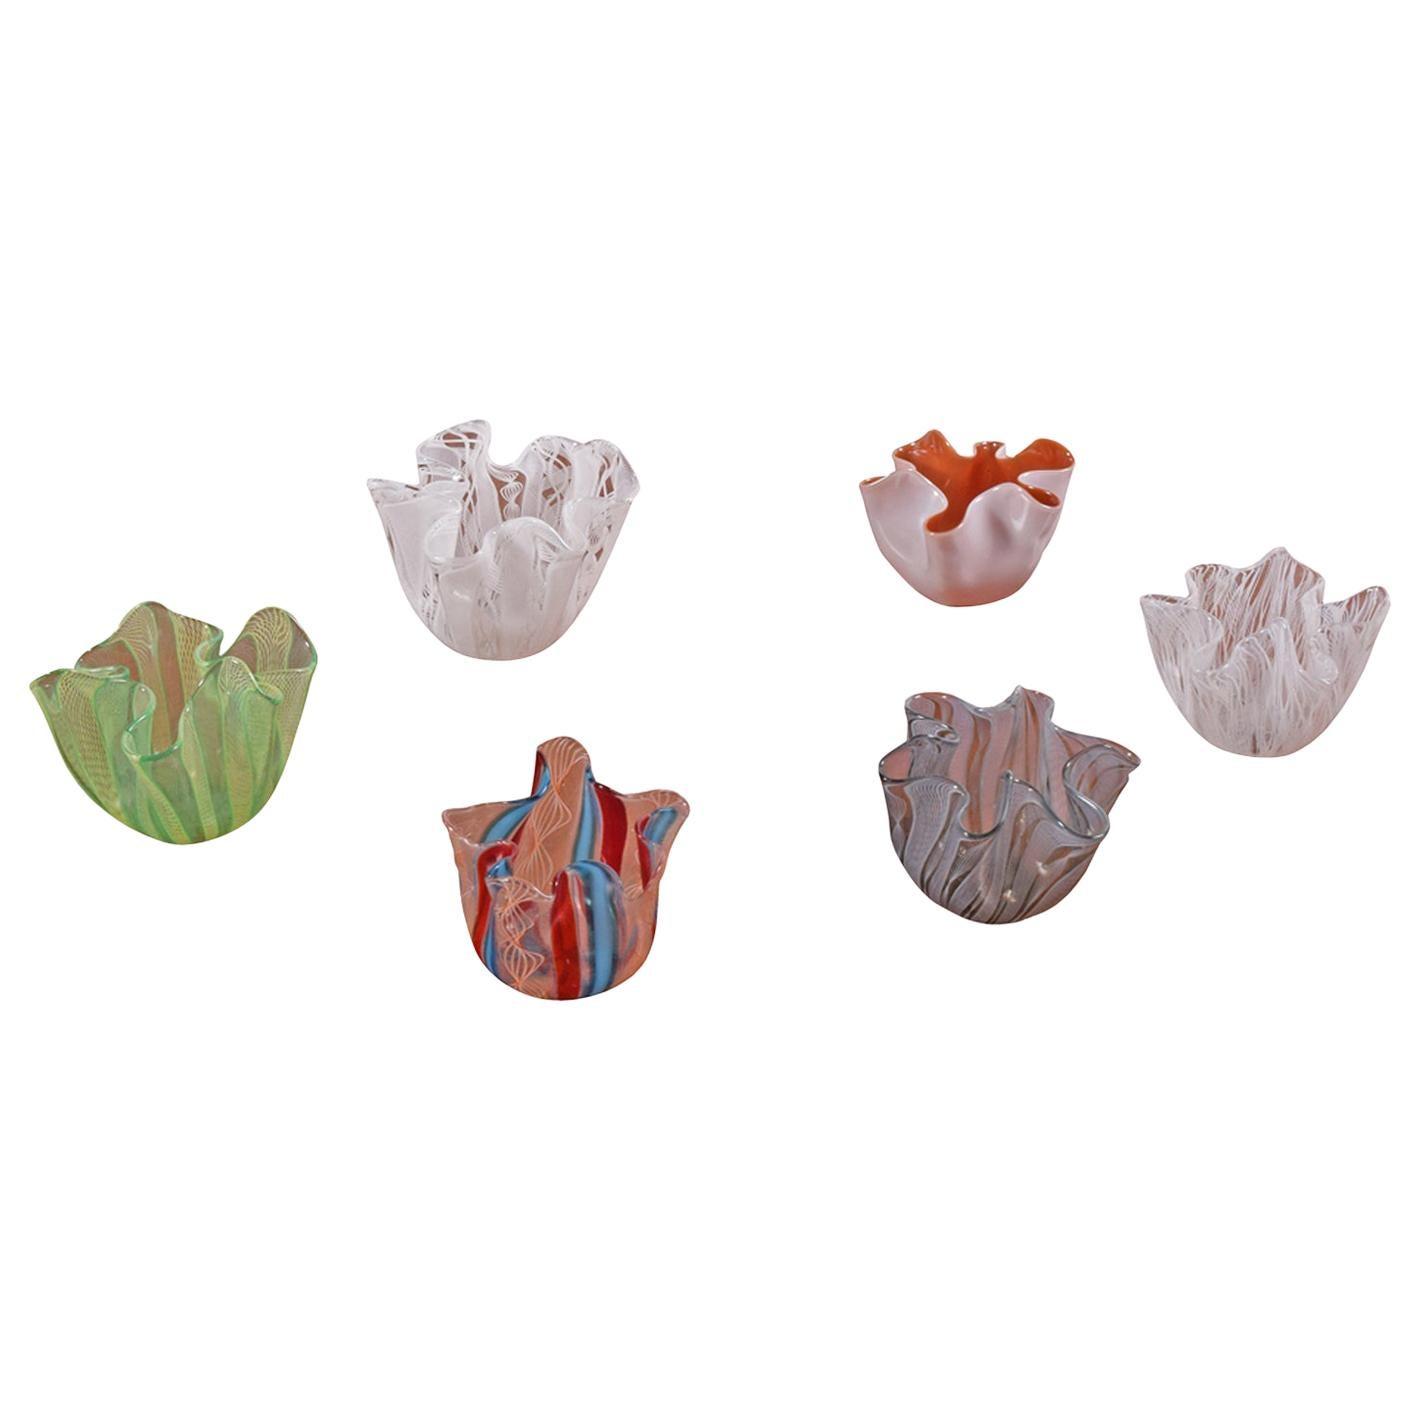 Six Mini Venini Murano Art Glass Zanfirico Fazzoletto Handkerchief Vases